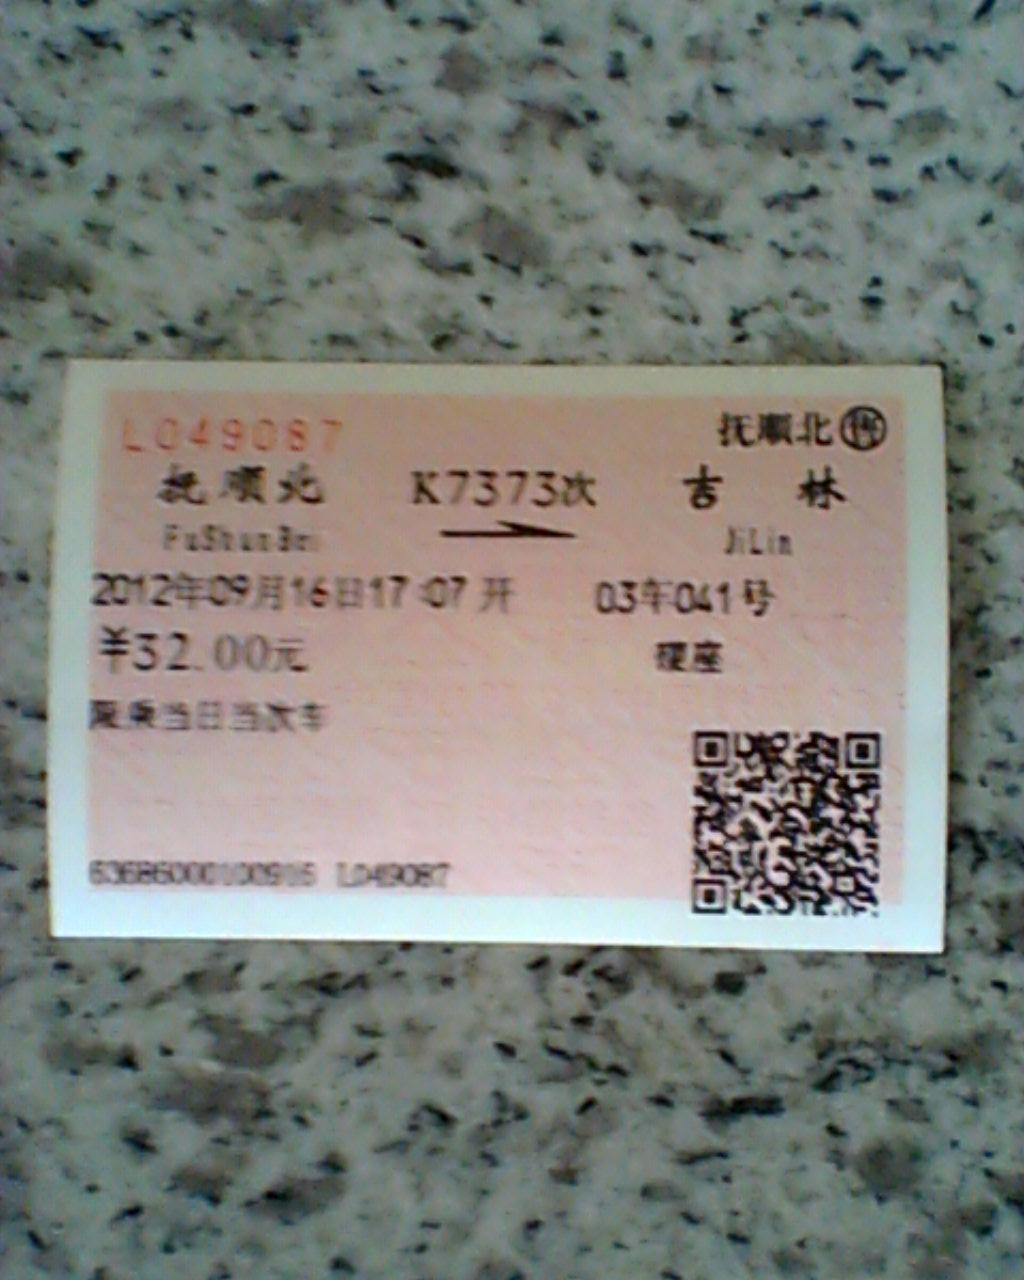 积压图片之黑龙江鹤岗之行 - 铁路影像 - 鞍山火车迷